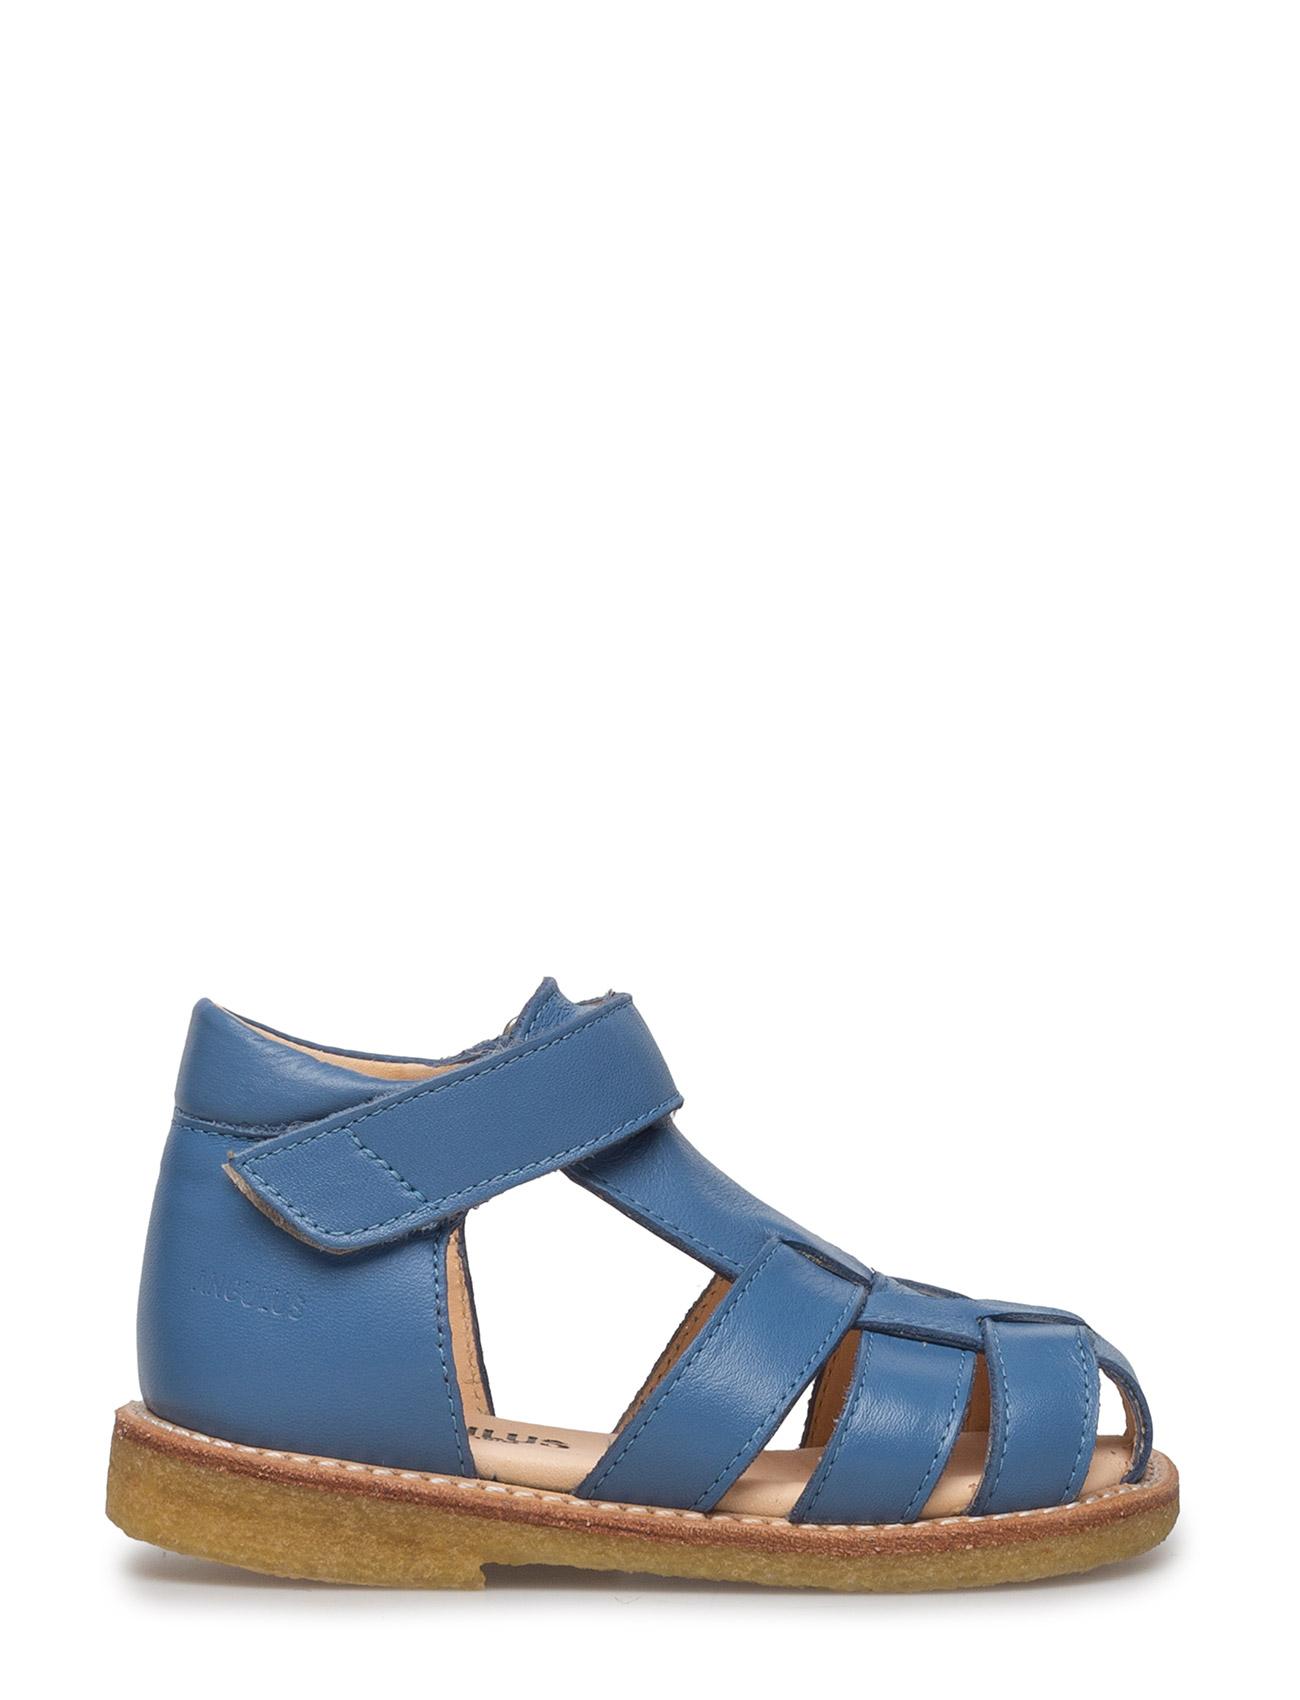 8a63cc269ee 2164 LEOPARD ANGULUS Baby Sandal sandaler for børn - Pashion.dk